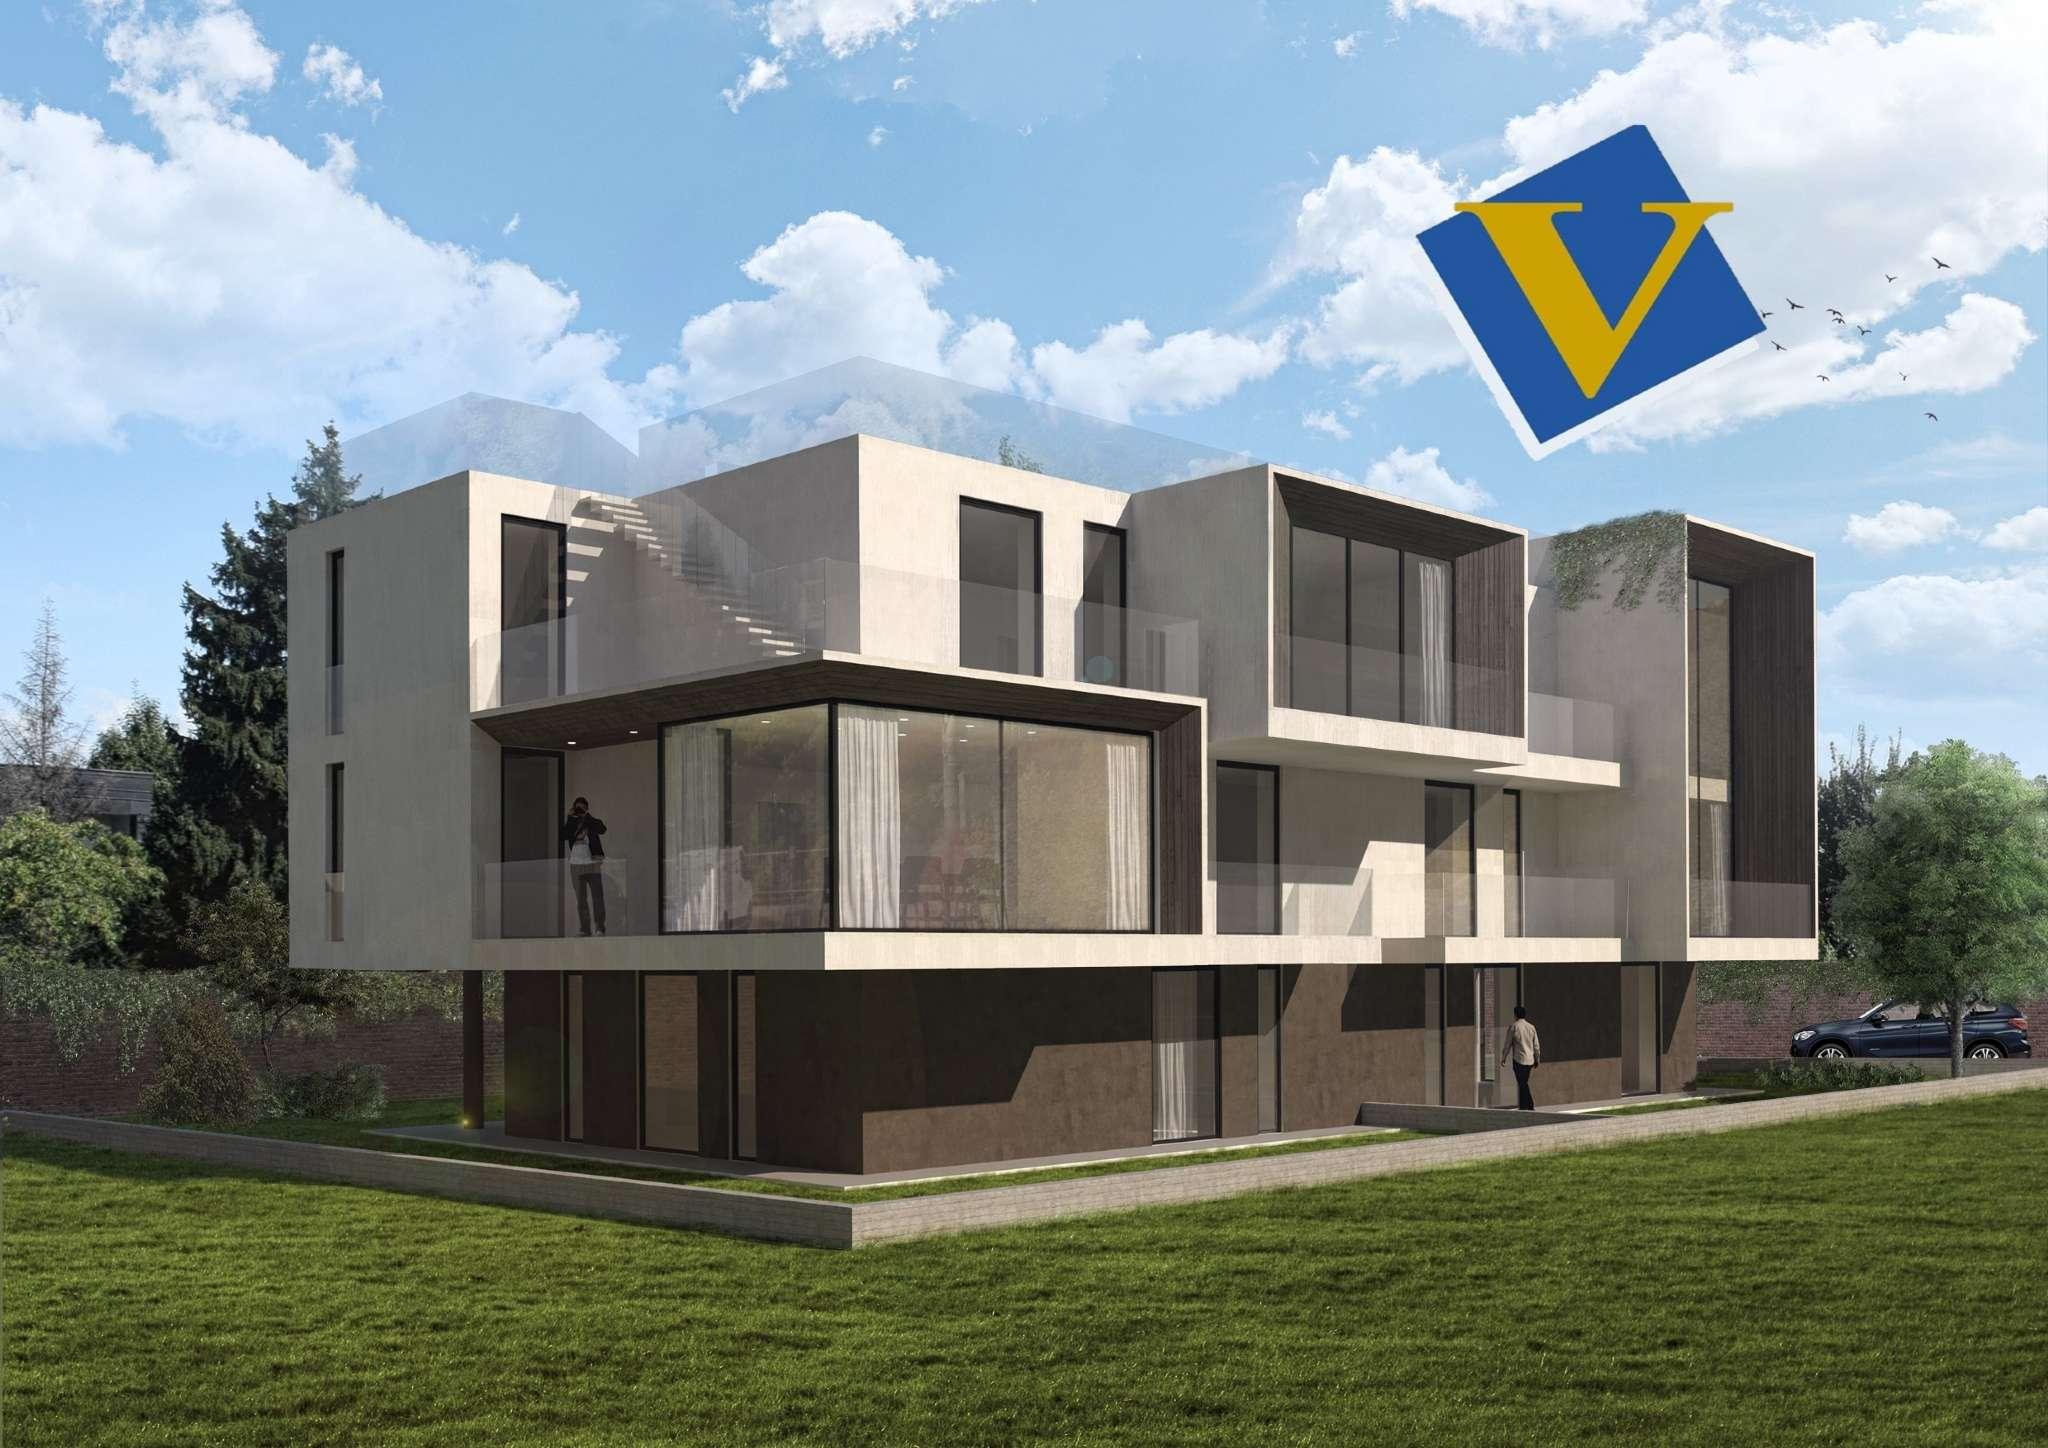 Appartamento in vendita a Caselle Torinese, 3 locali, prezzo € 330.000 | PortaleAgenzieImmobiliari.it